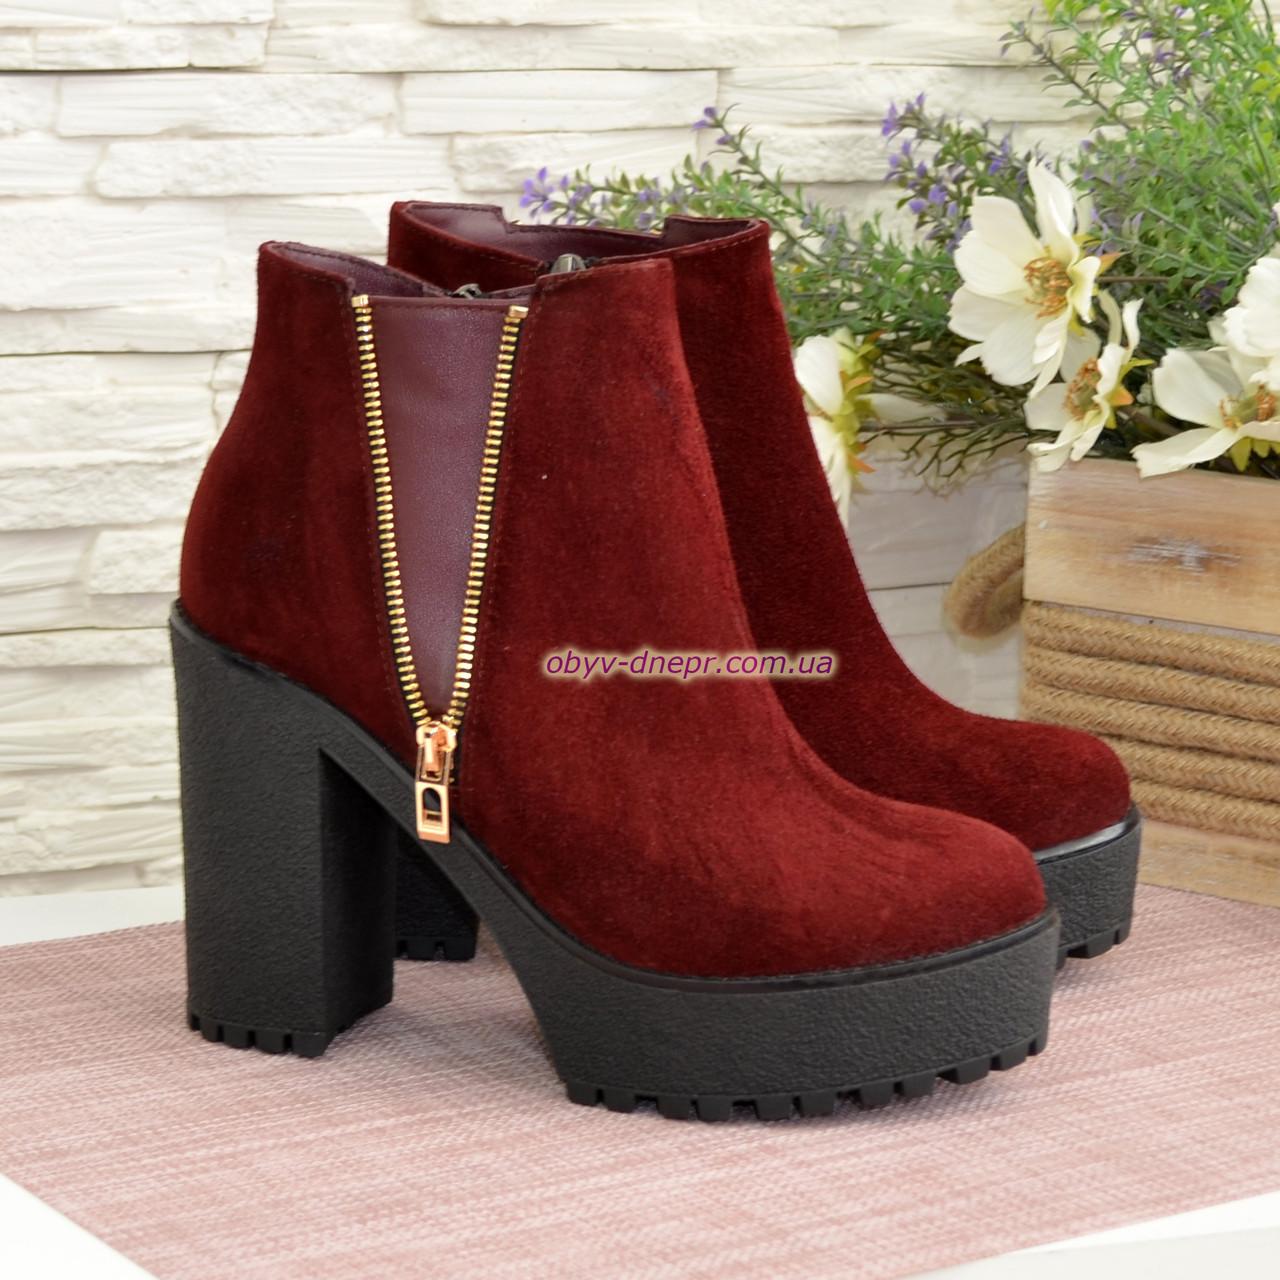 Ботинки замшевые демисезонные на устойчивом каблуке, цвет бордо